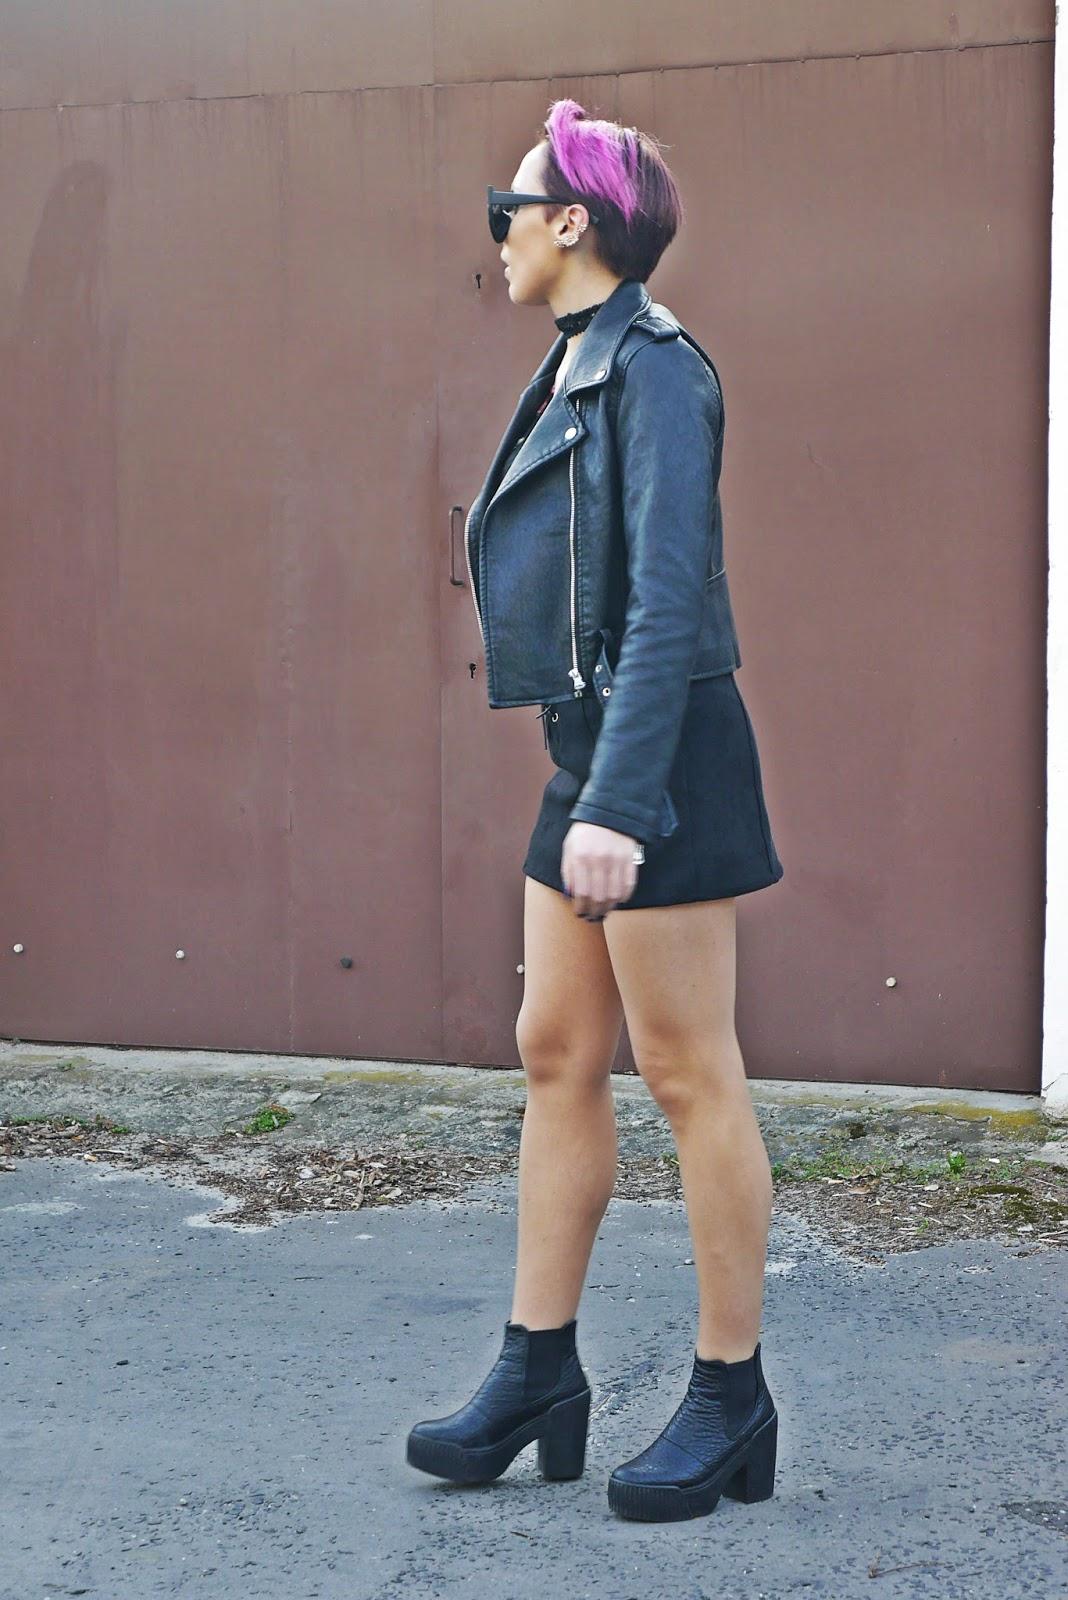 czarna_ramoneska_przezroczysta_bluzka_naszywki_blog_karyn_look_ootd_outfit_180417ca